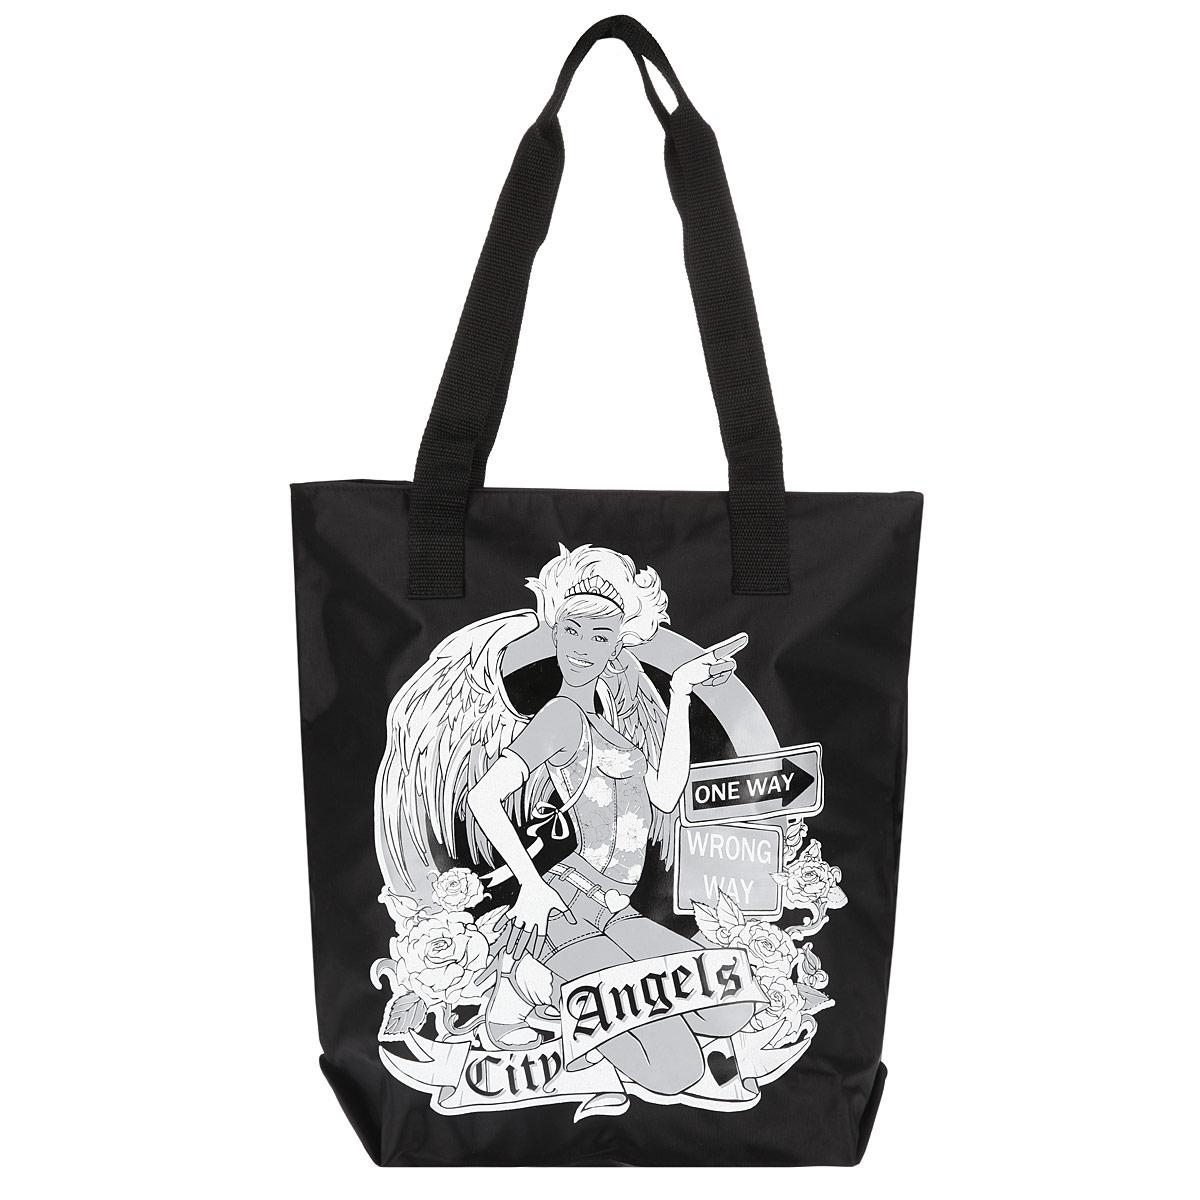 Сумка женская Antan City Angels, цвет: черный. 1-581-58 Citi angels/черныйСтильная женская сумка City Angels выполнена из плотного материала (полиэстера) и оформлена модным принтом. Сумка имеет одно вместительное отделение, закрывающееся на застежку-молнию. Внутри расположен накладной карман на застежке-молнии. Сумка оснащена двумя удобными ручками, позволяющими носить ее на плече. Сумка - это стильный аксессуар, который подчеркнет вашу изысканность и индивидуальность и сделает ваш образ завершенным.